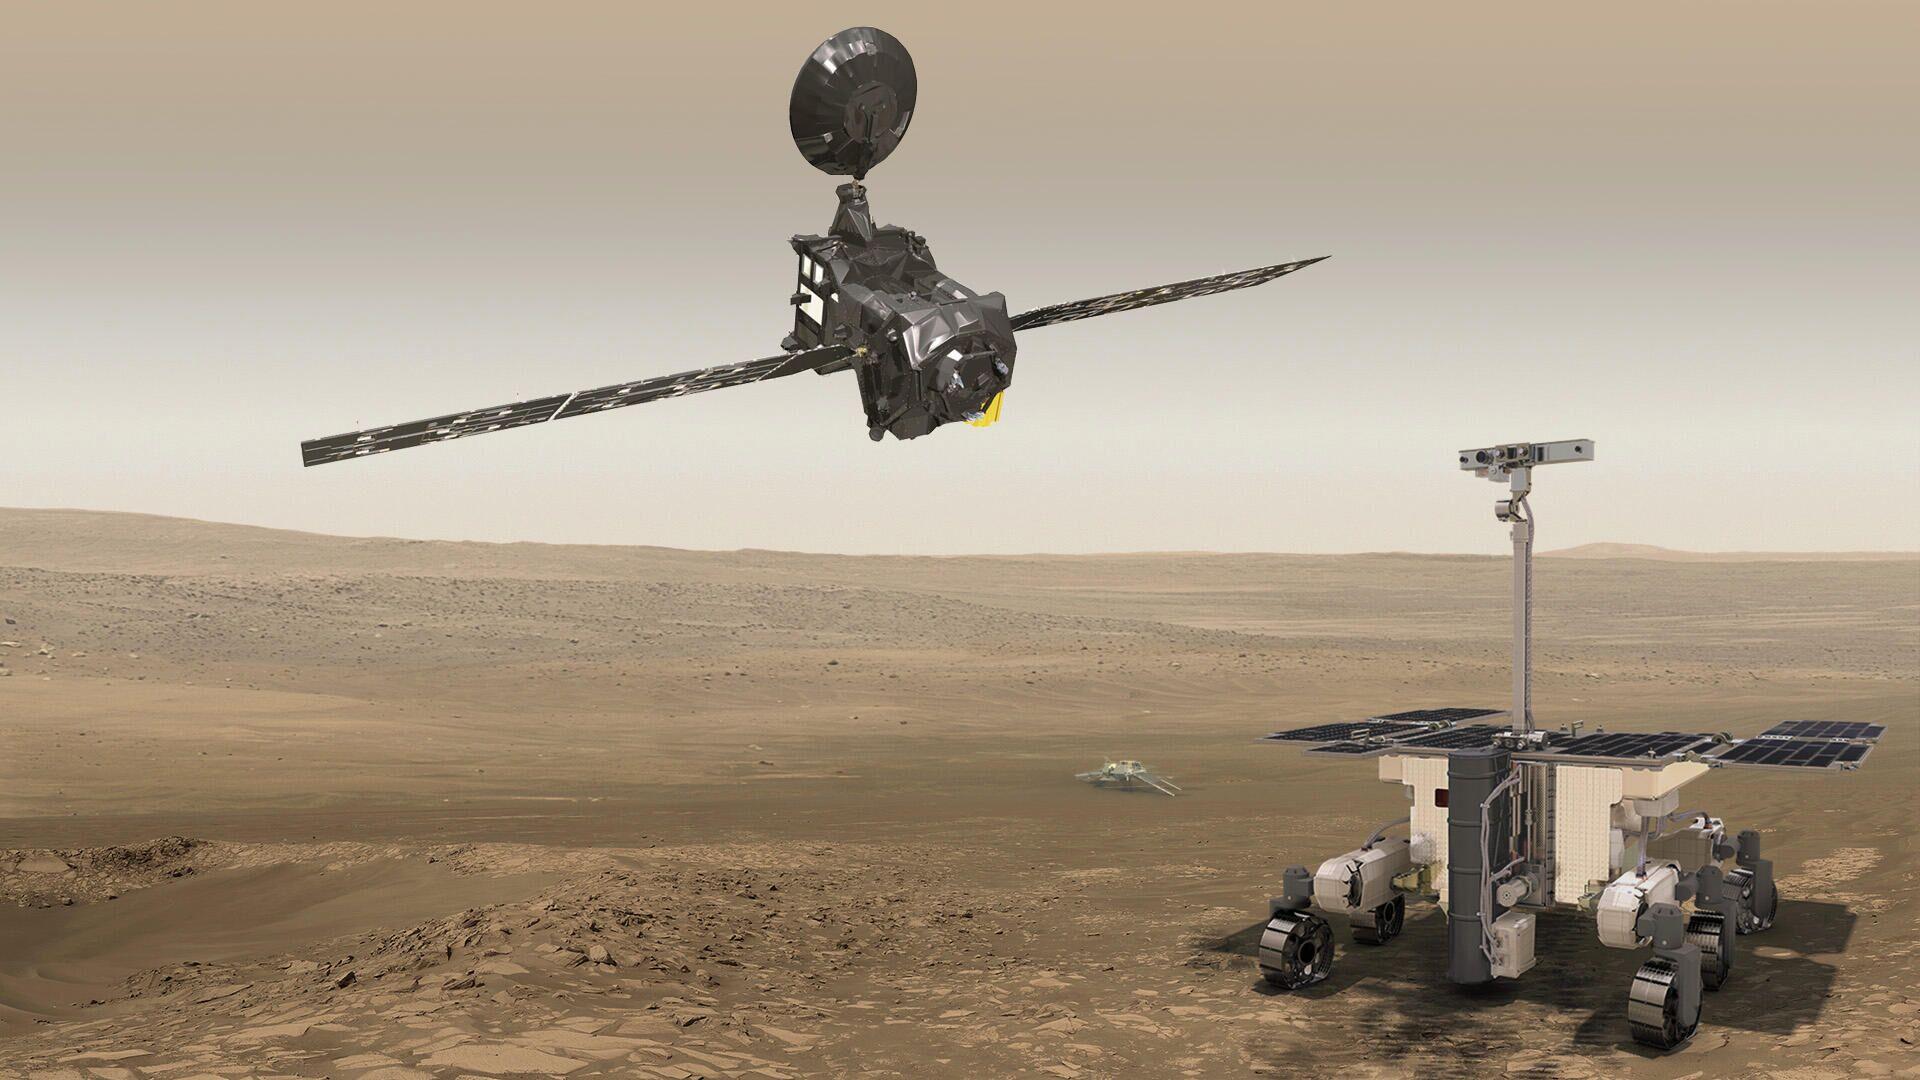 Миссии ЭкзоМарс-2016 и ЭкзоМарс-2022 в представлении художника - РИА Новости, 1920, 19.01.2021